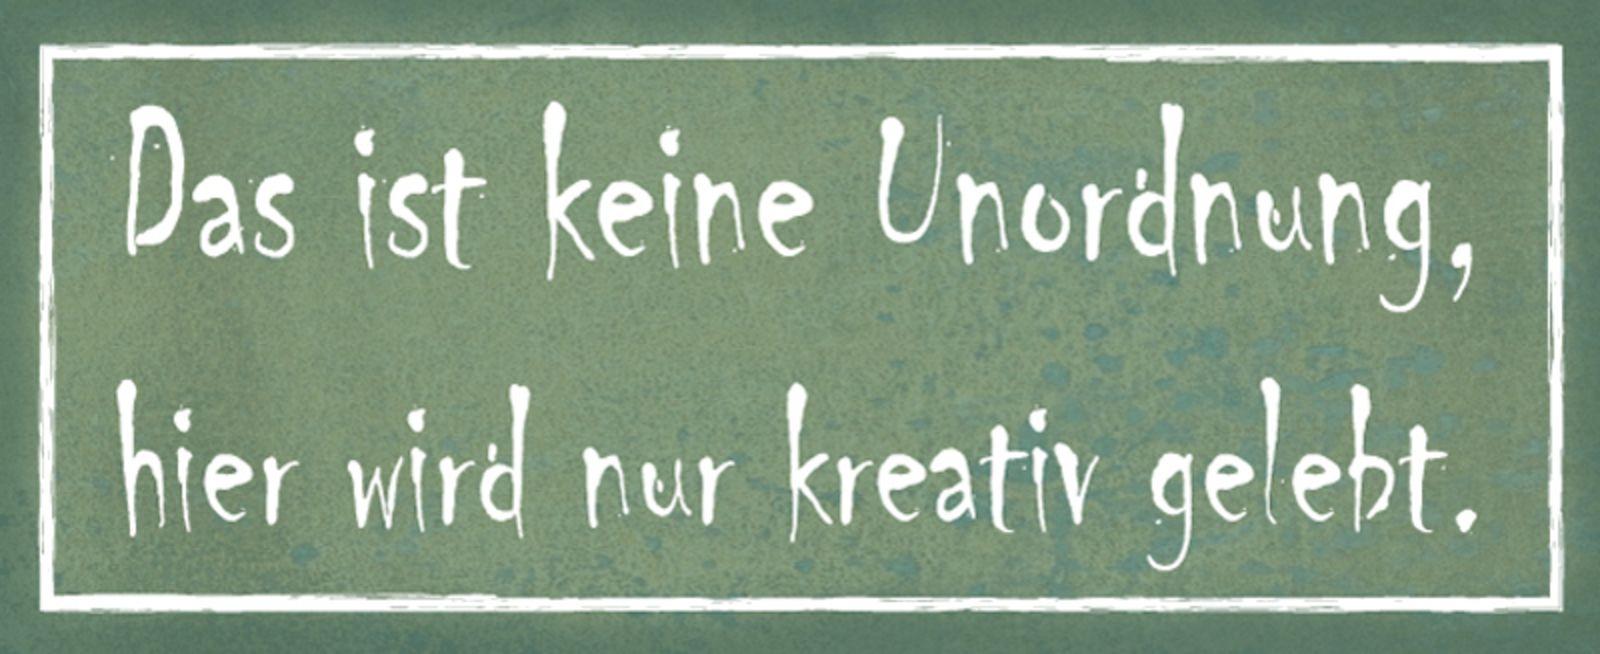 Kreativität spruch 40 Zitate